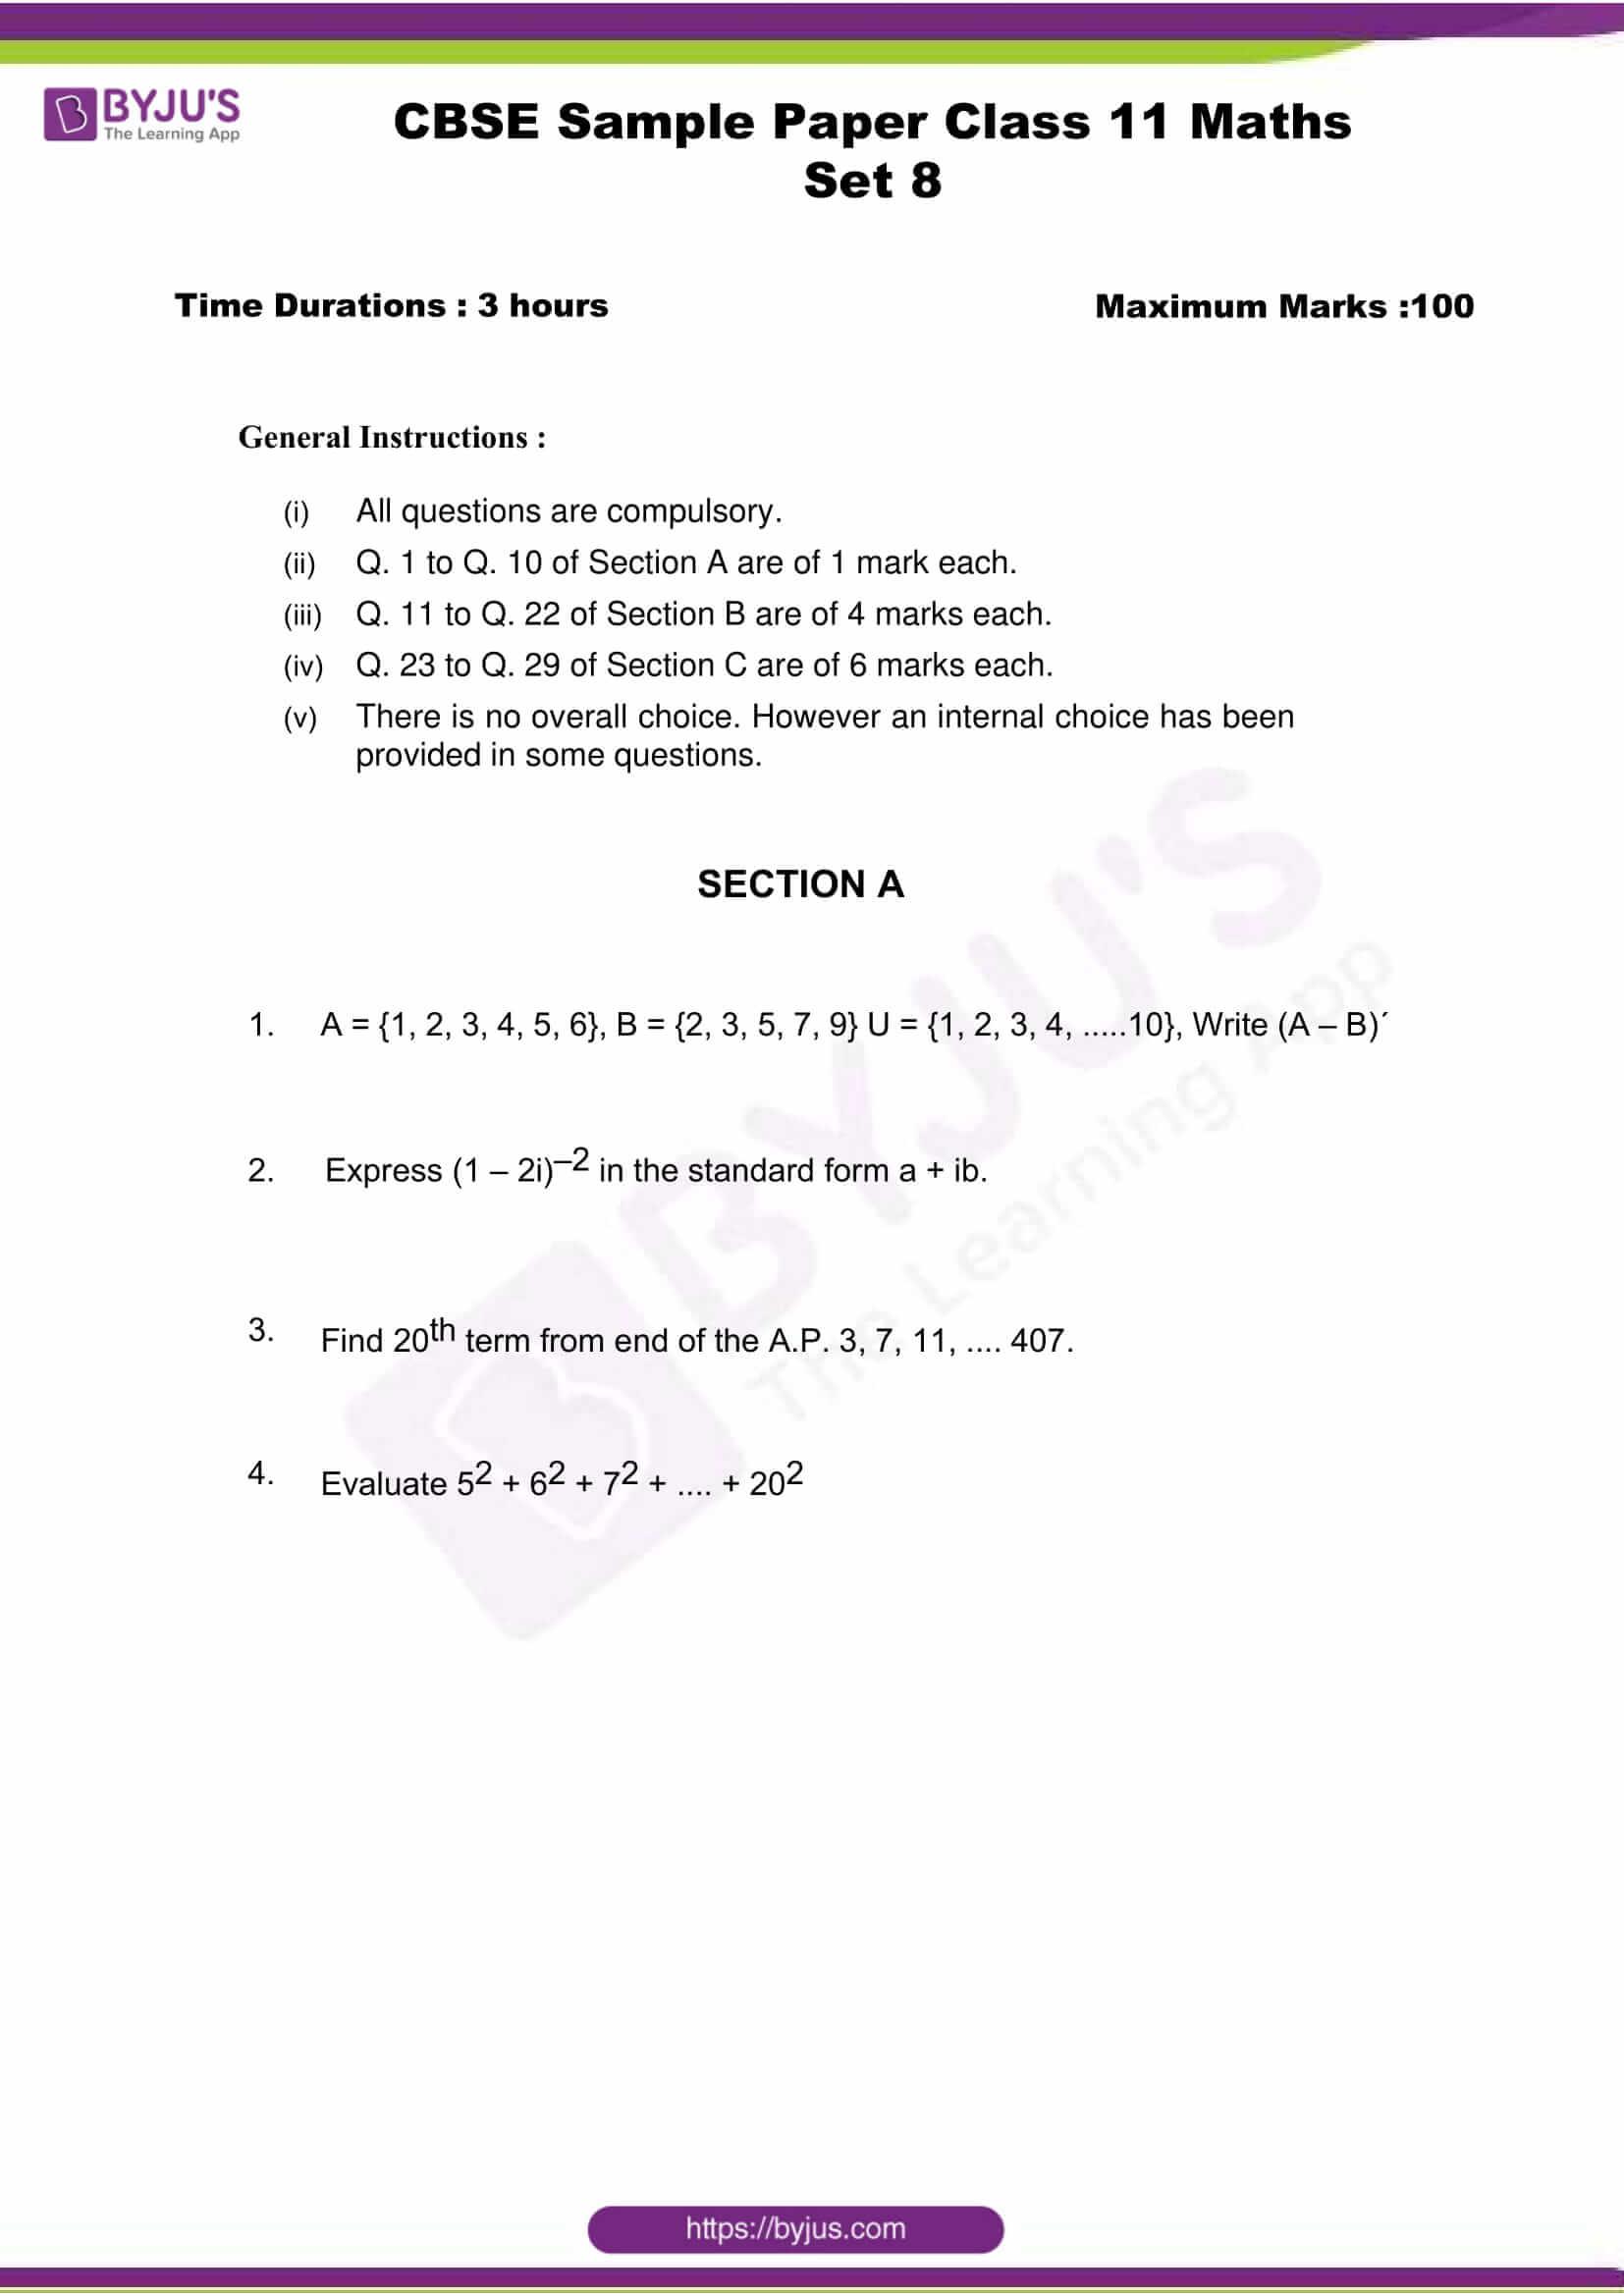 cbse sample paper class 11 maths set 8